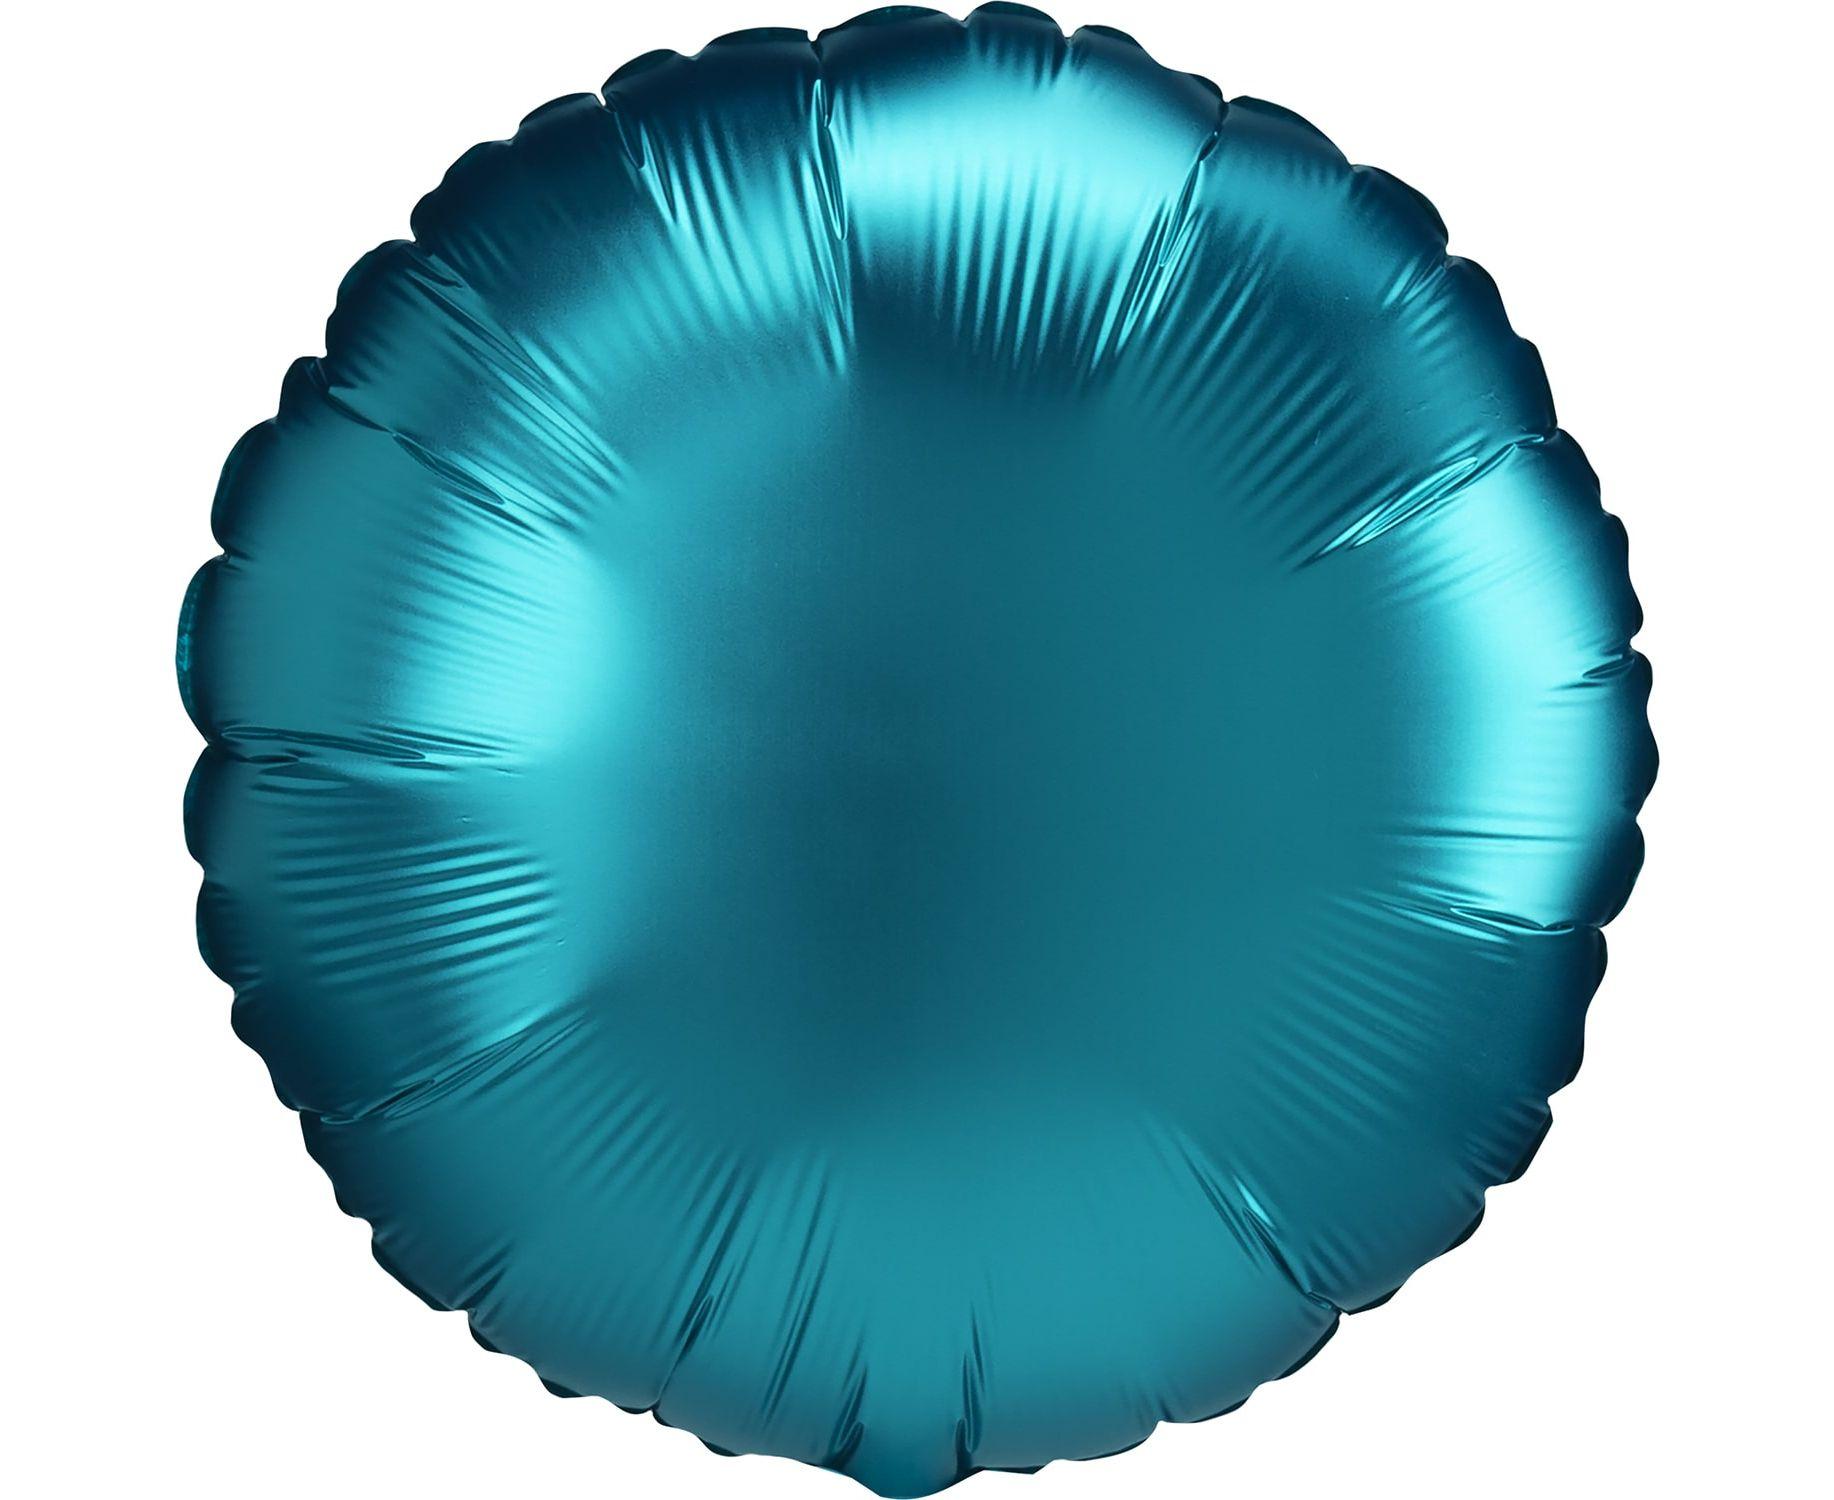 Μπαλόνι Foil Satin Luxe Aqua 43εκ